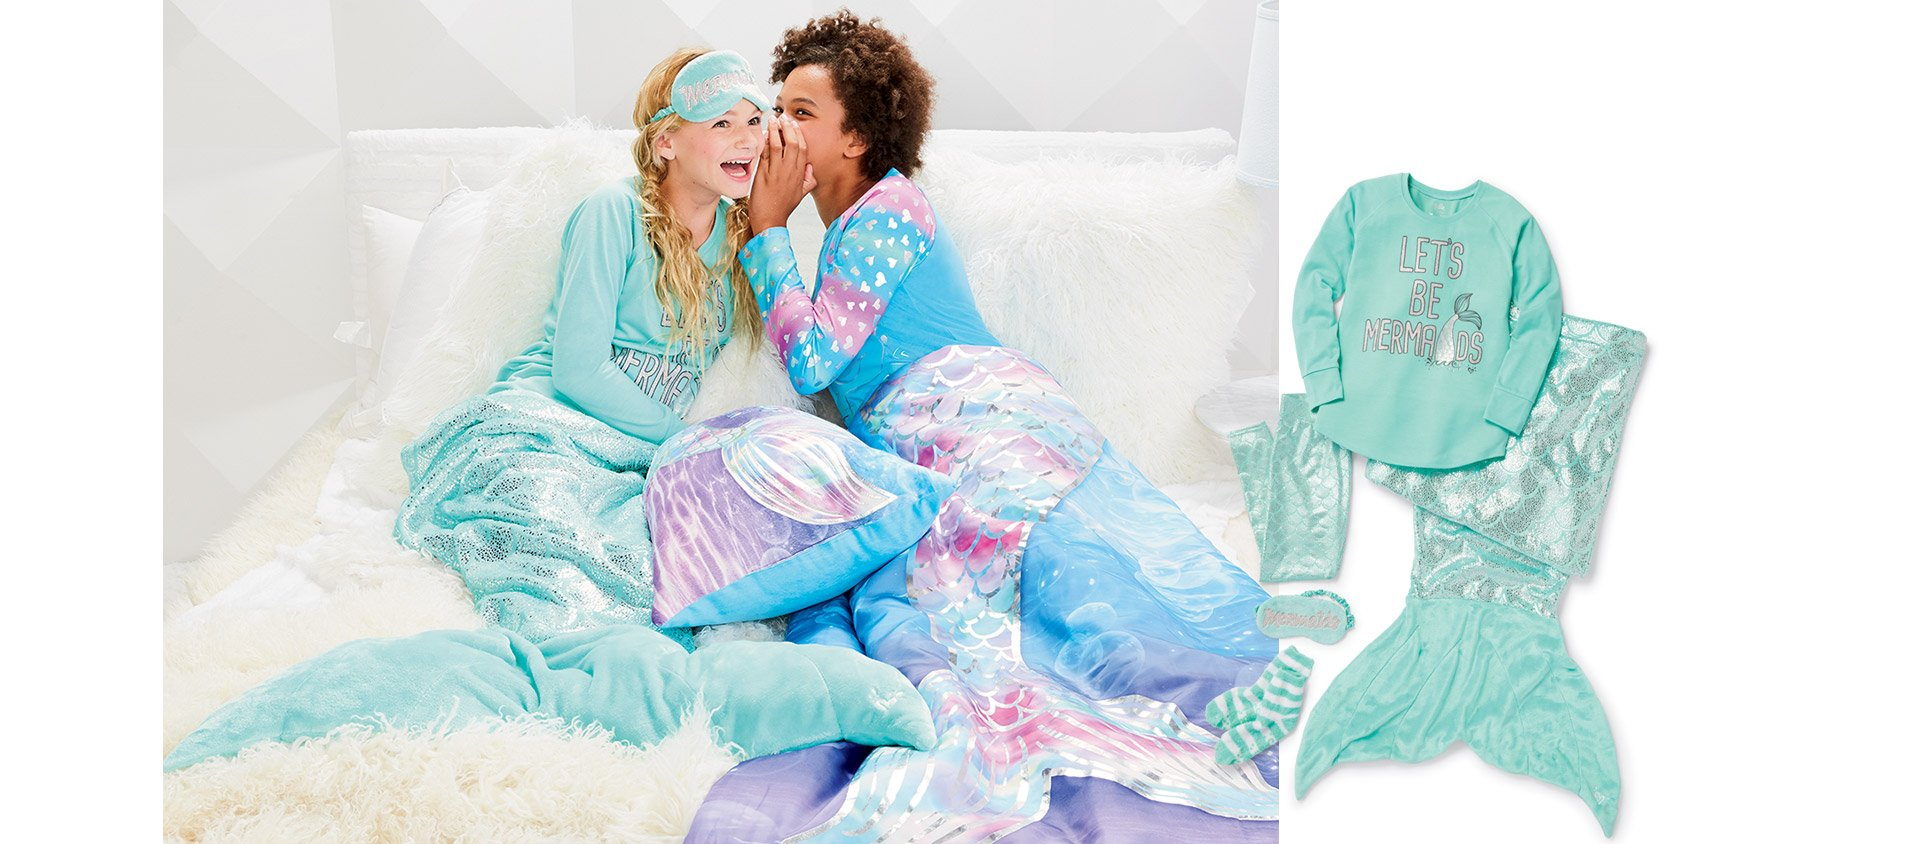 Team Mermaid